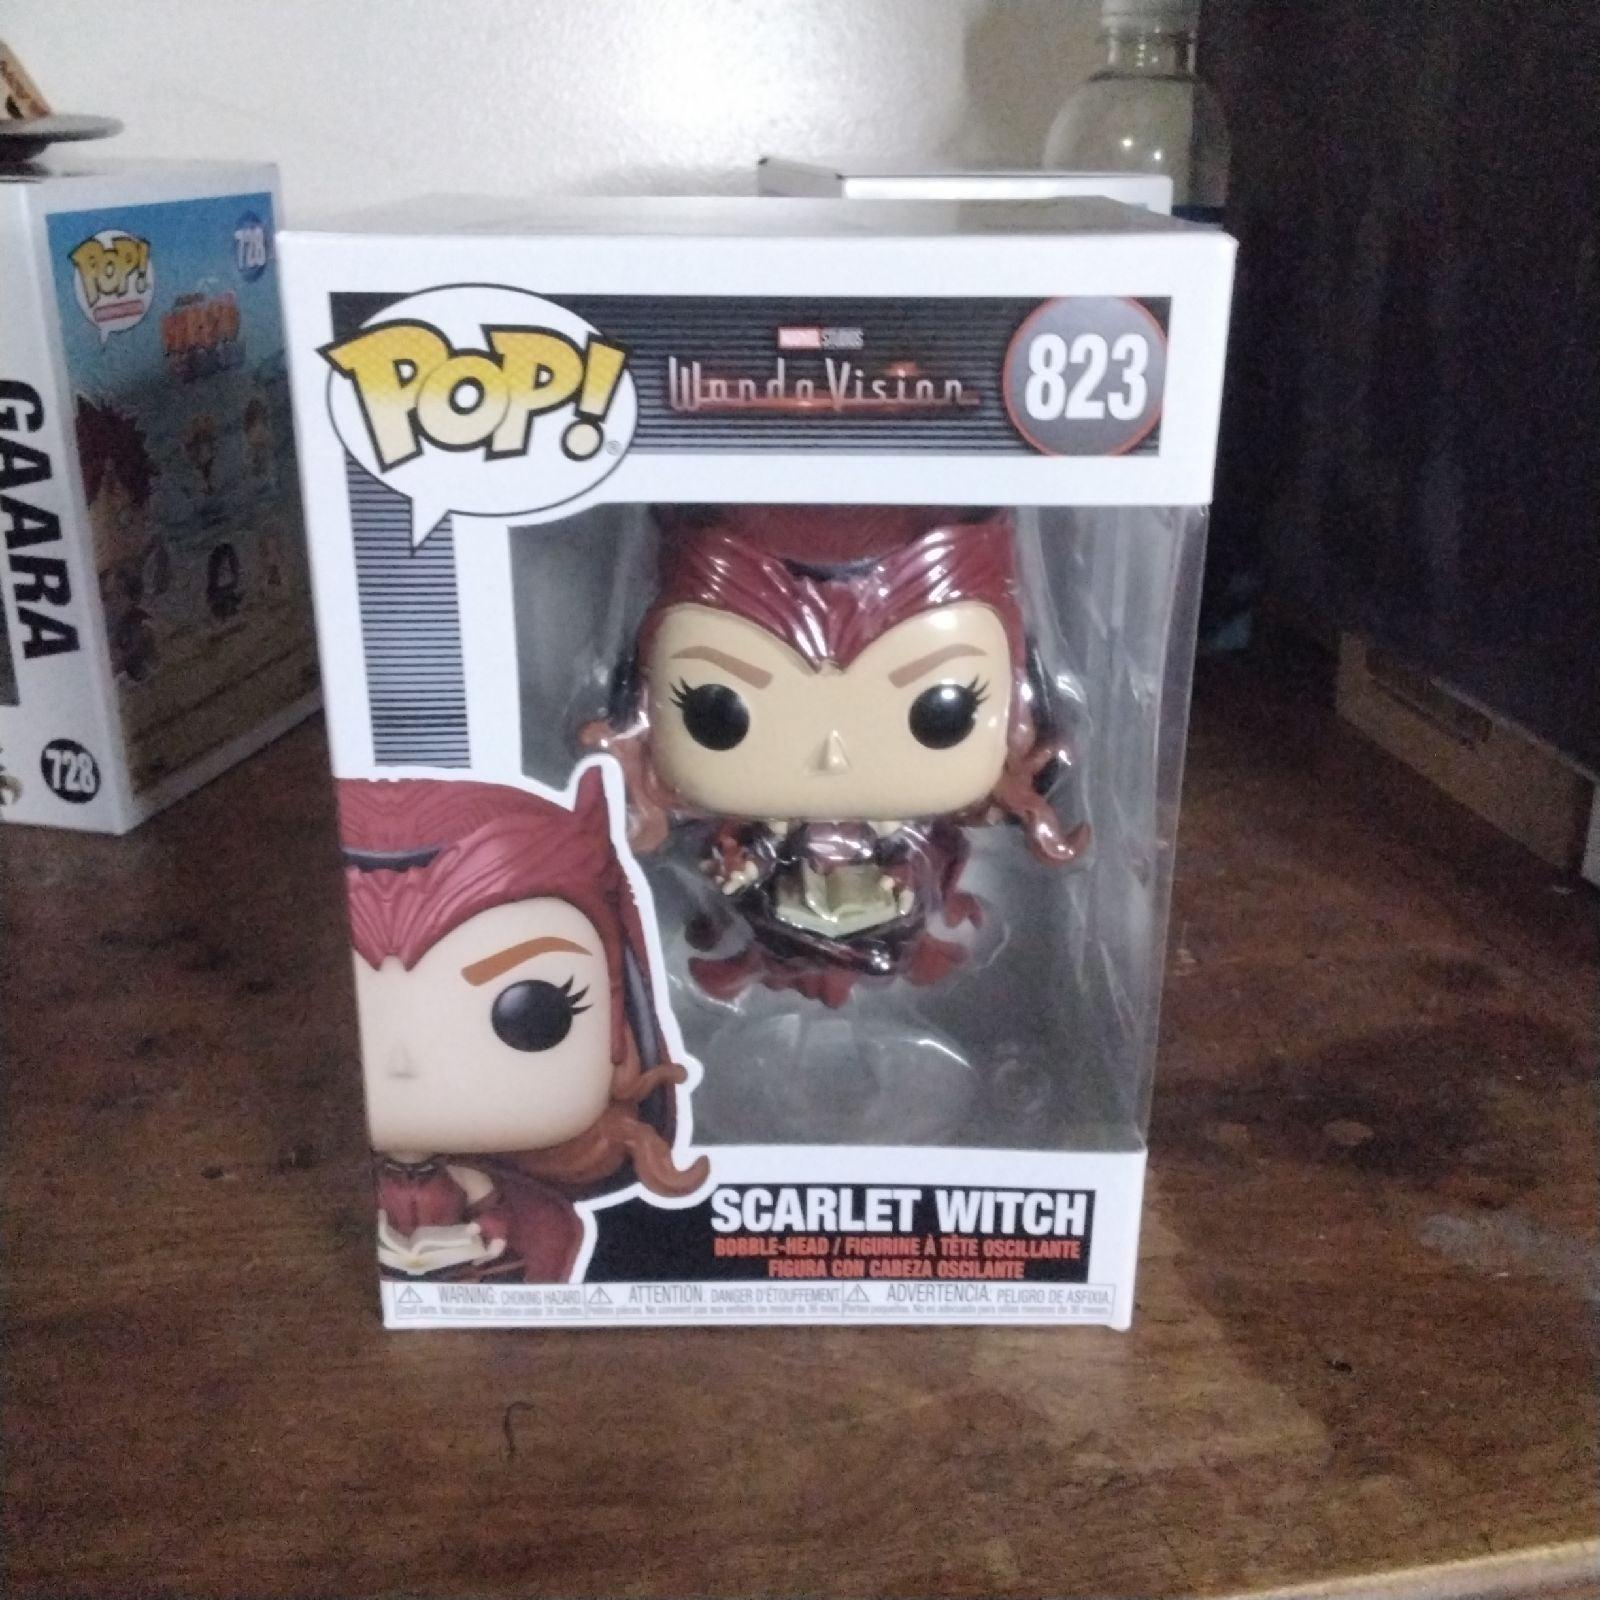 Scarlet witch Funko Pop 823 wandavision